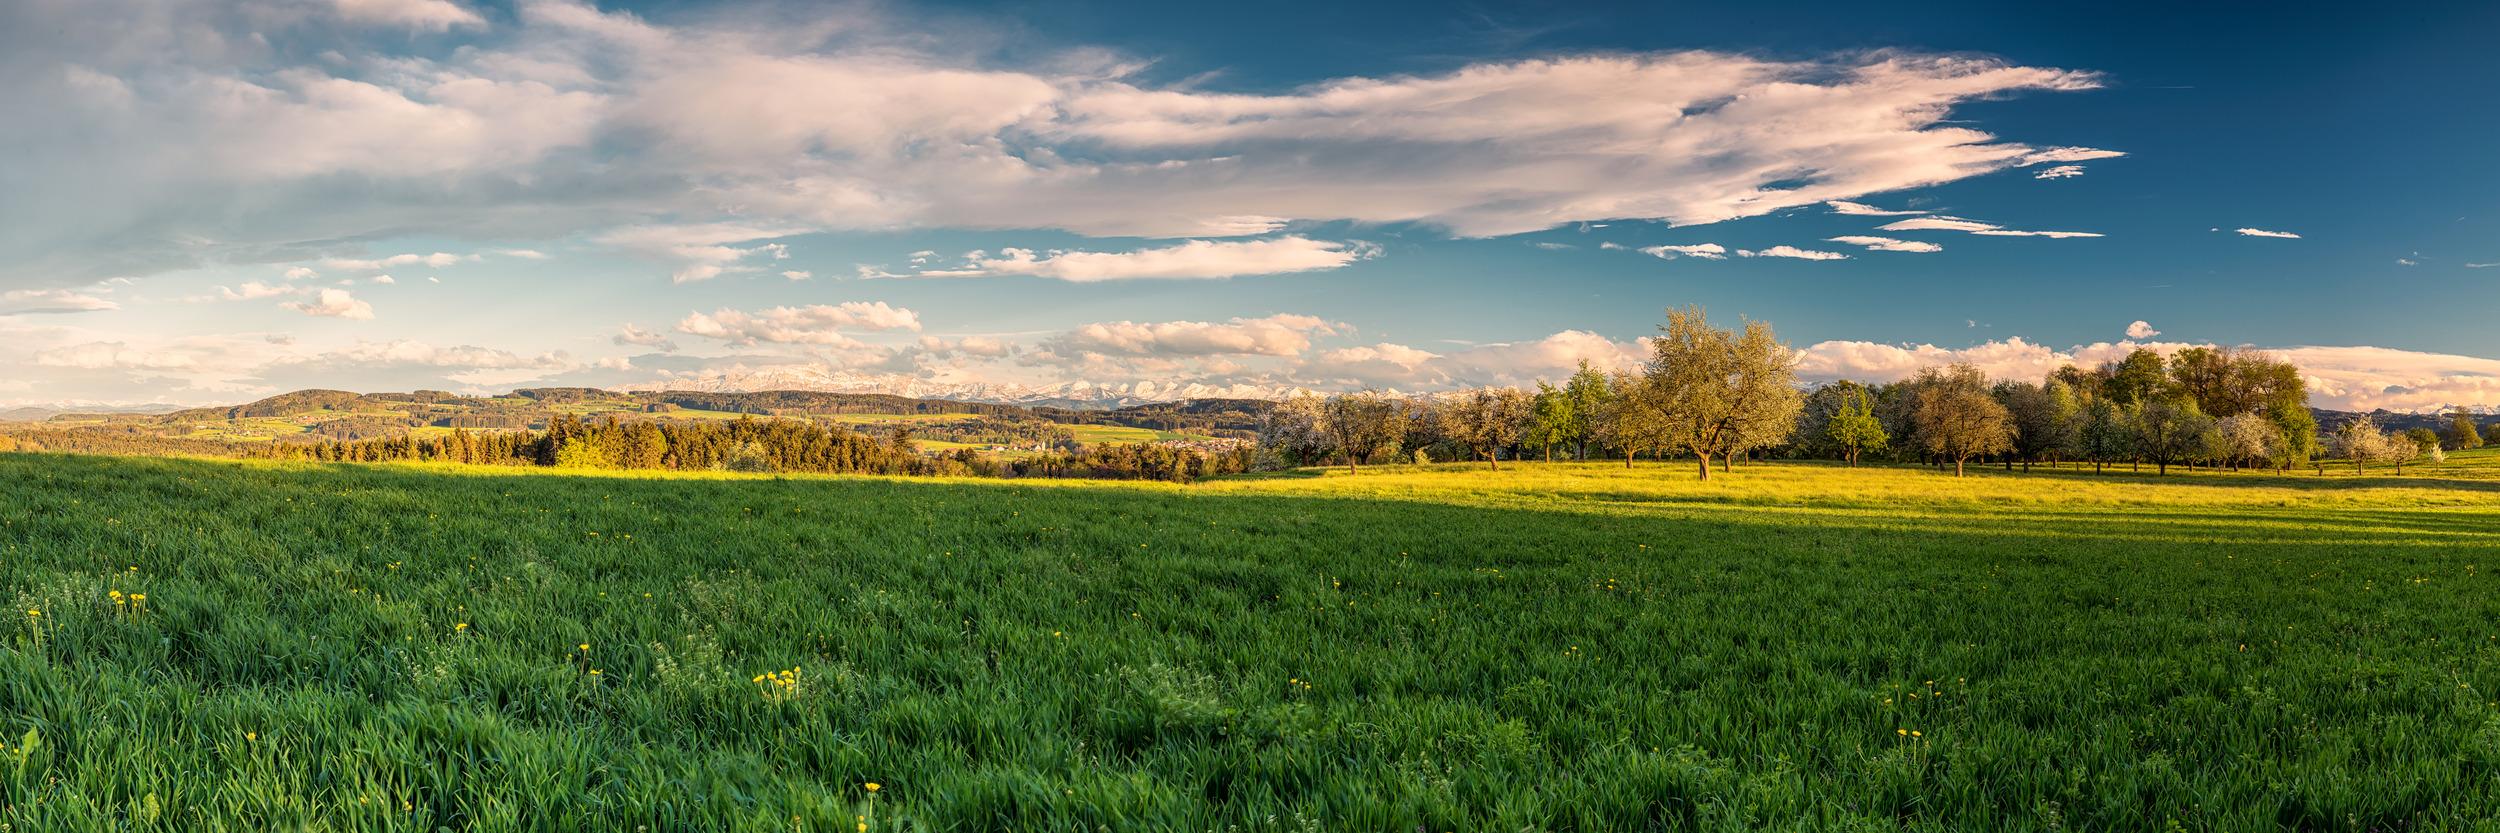 ALPSTEINBLICK - Schöne Landschaft Bilder kaufen   Stimmungs Foto als Fineart by Stefan Somogyi Fotografie